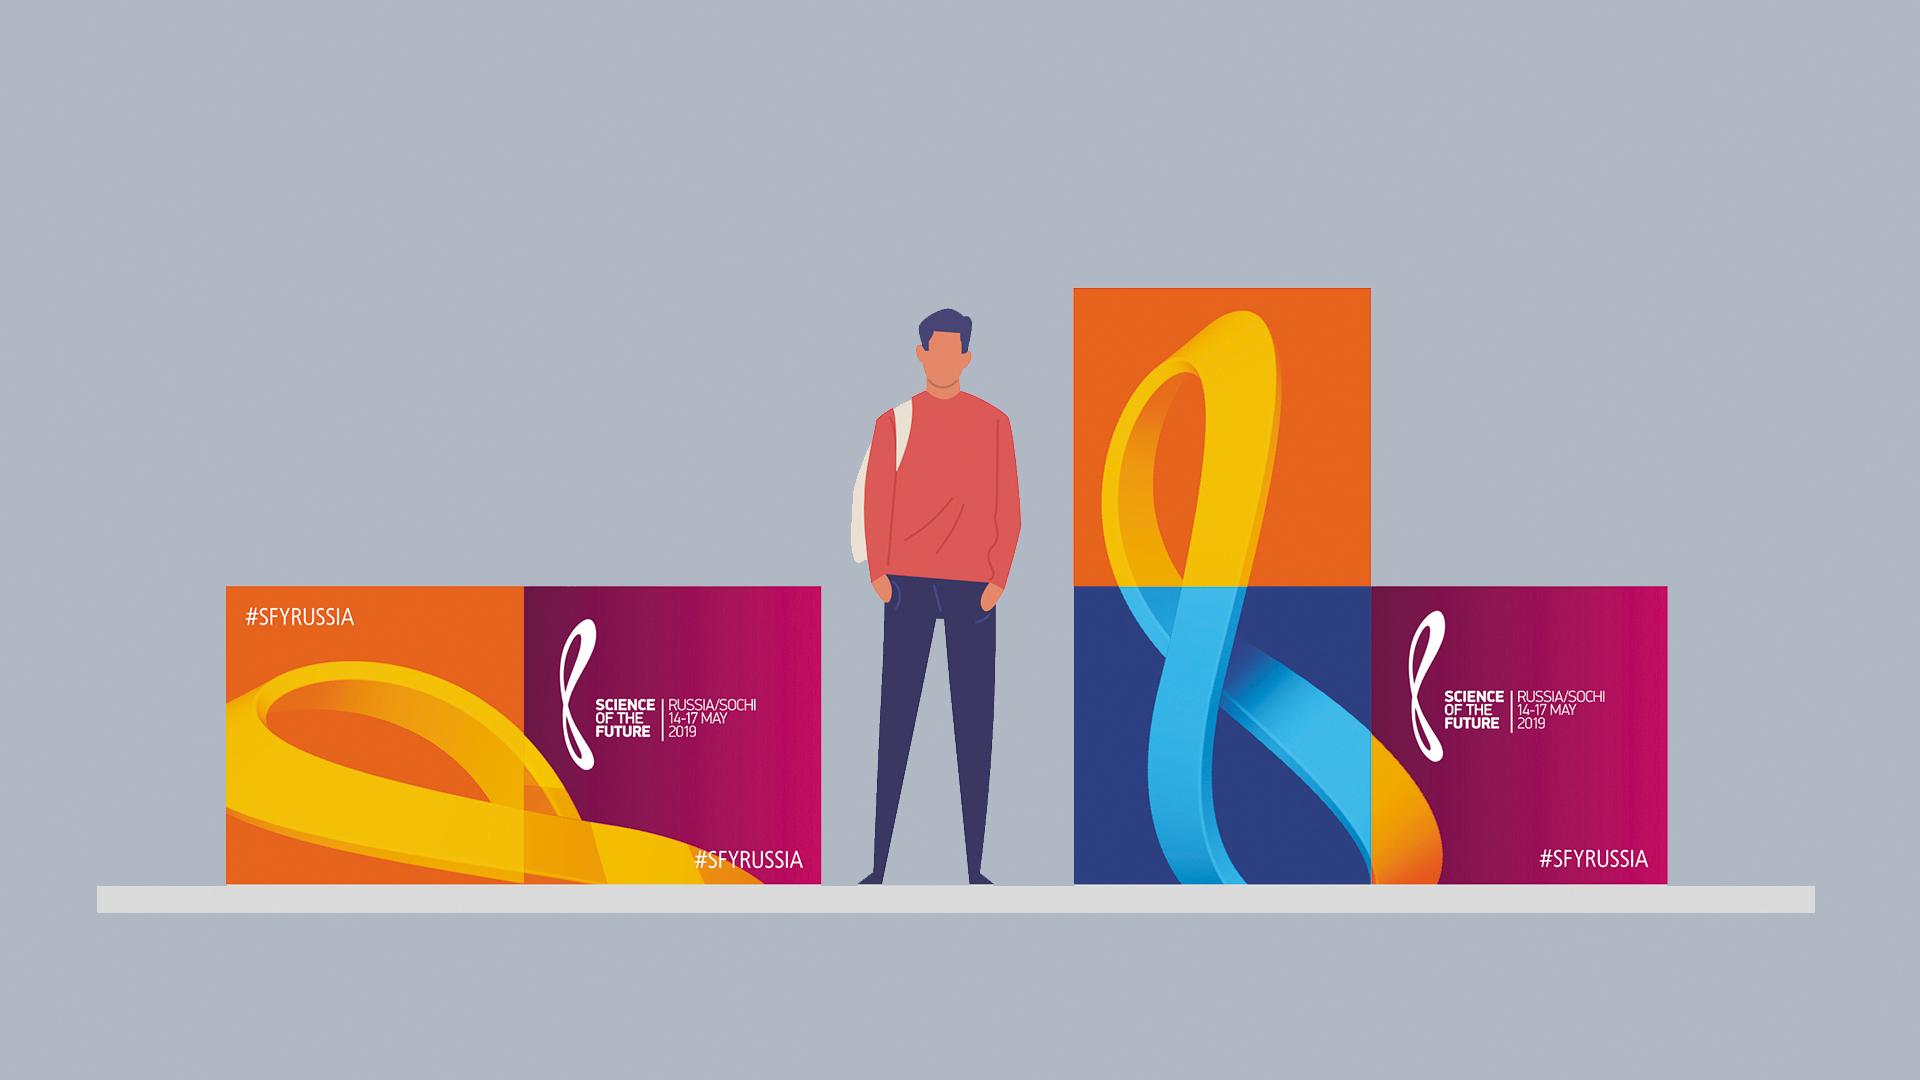 Asgard Branding, corporate identity, conferenсe, Science of the Future, logo, design